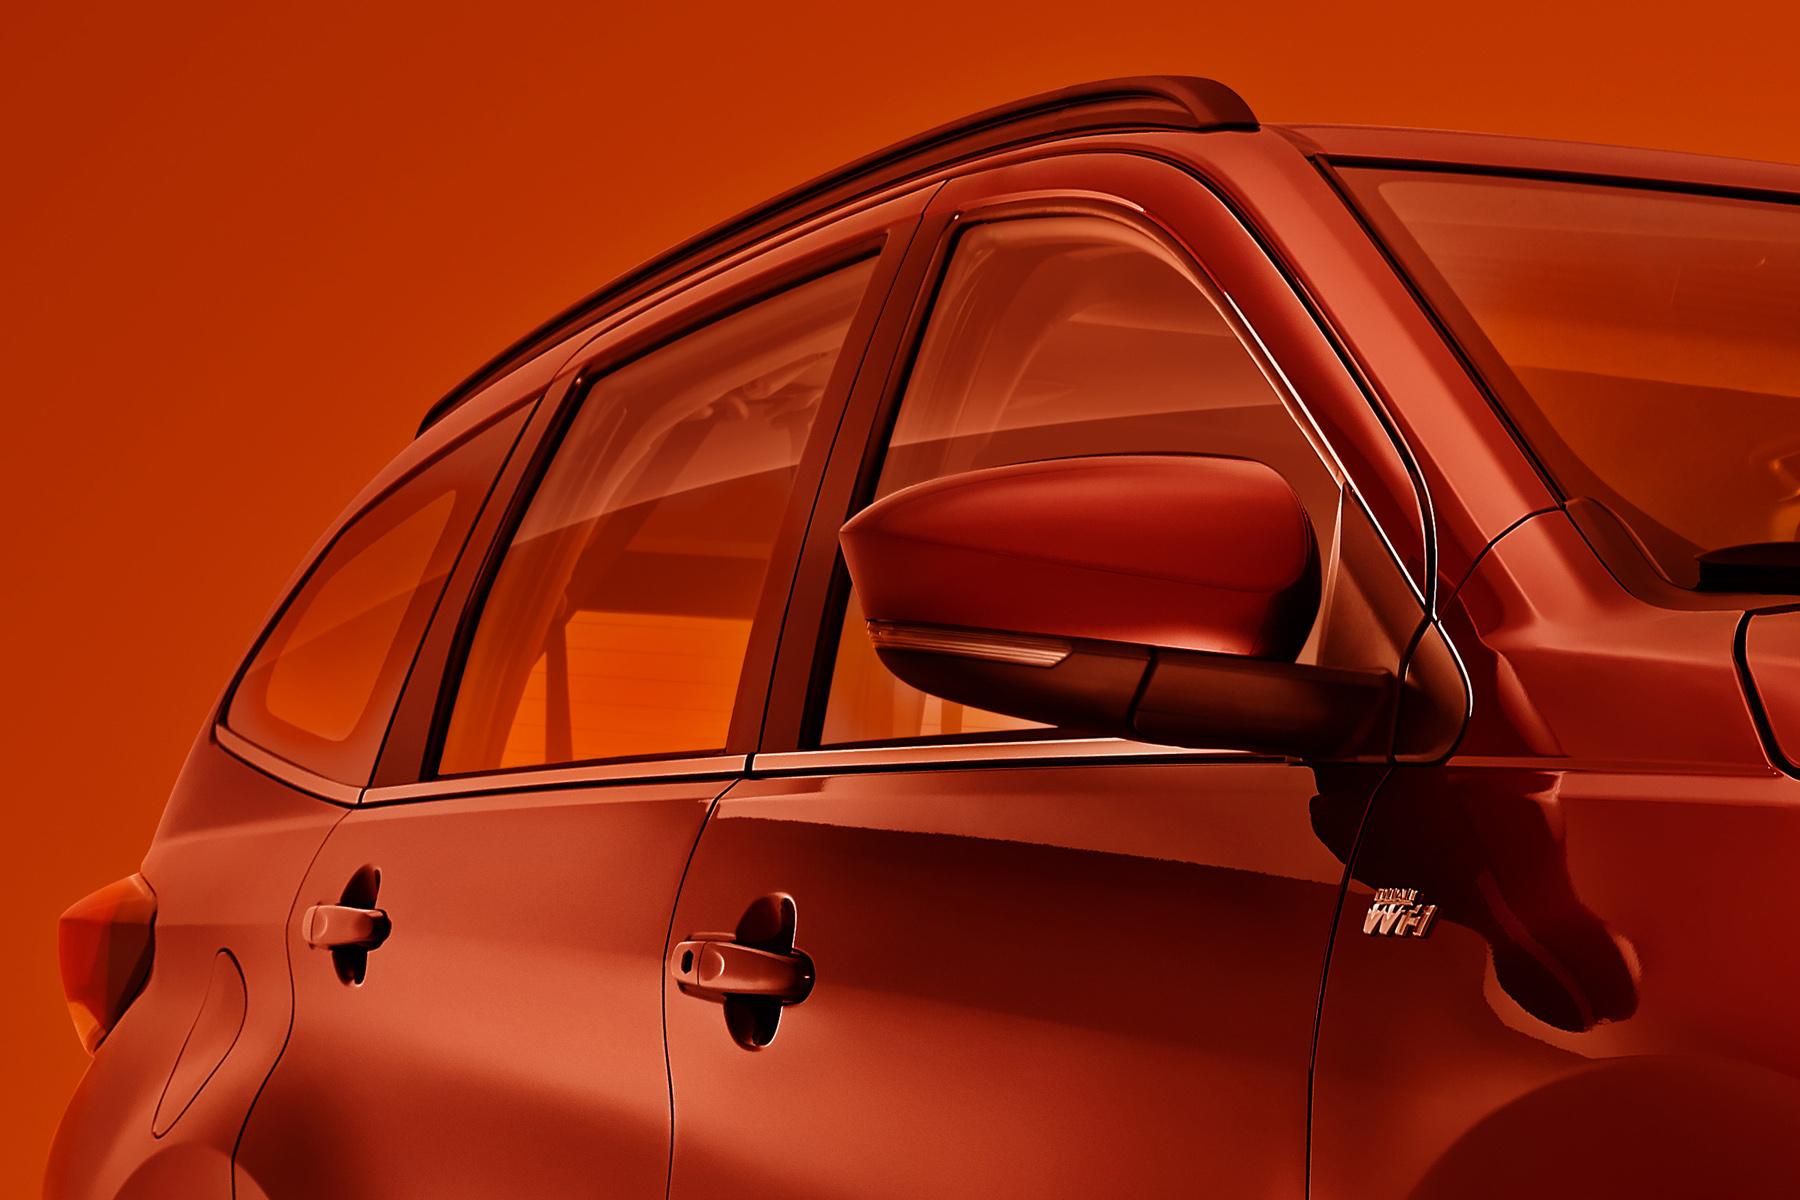 Toyota Rush Detail_0009_Rush_detail_0009_Layer 1.jpg